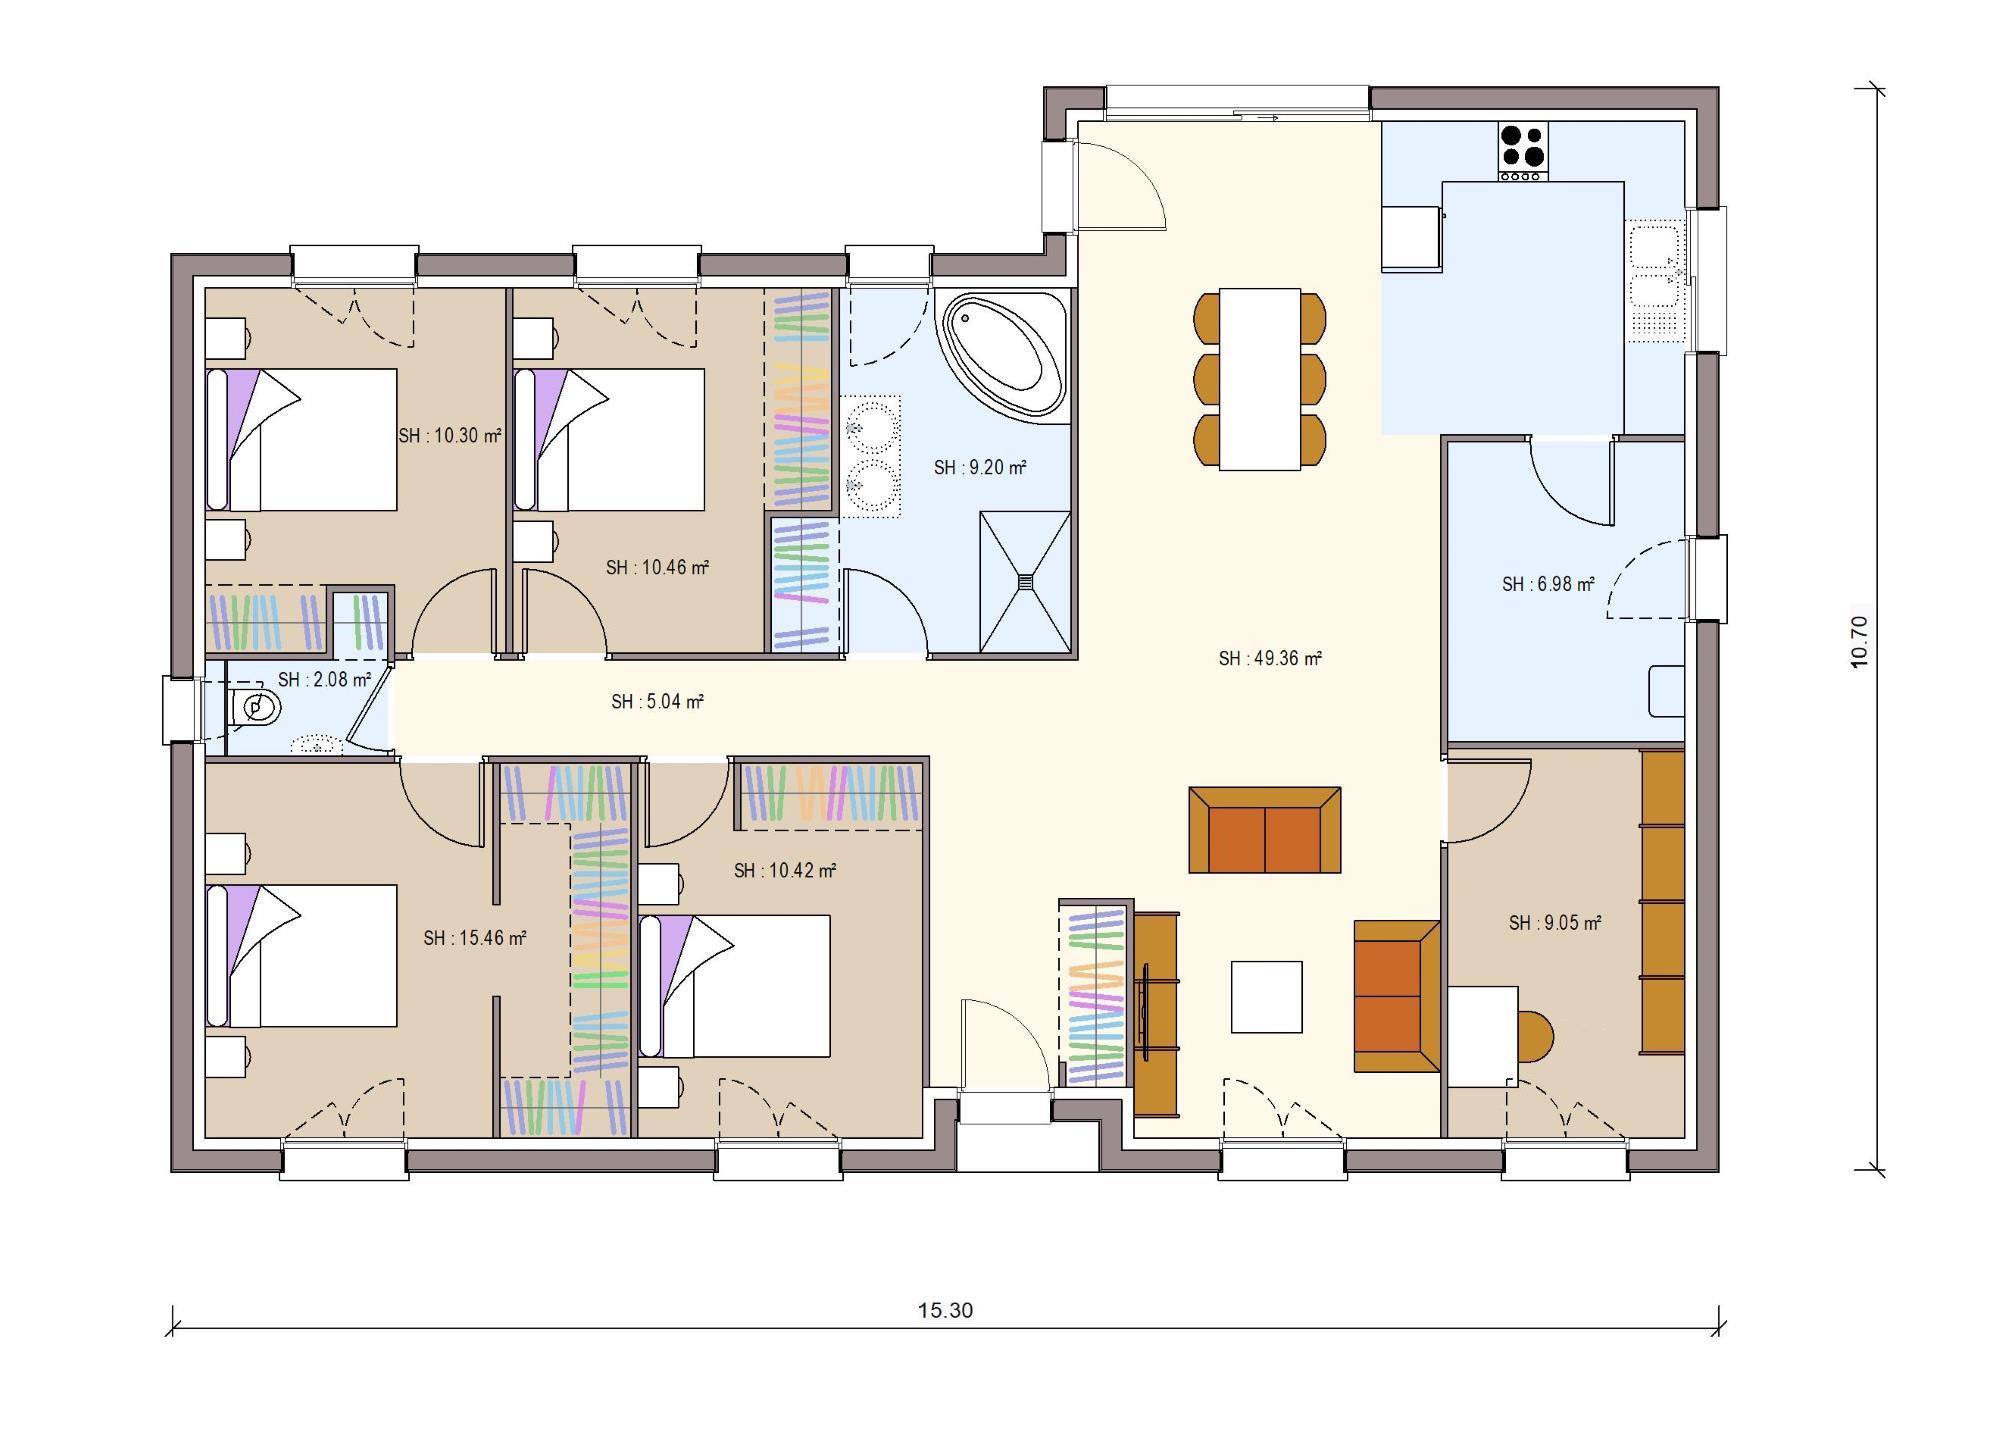 Plan Maison 4 Chambres Montceau Les Mines 128 M2 Fdconstructions